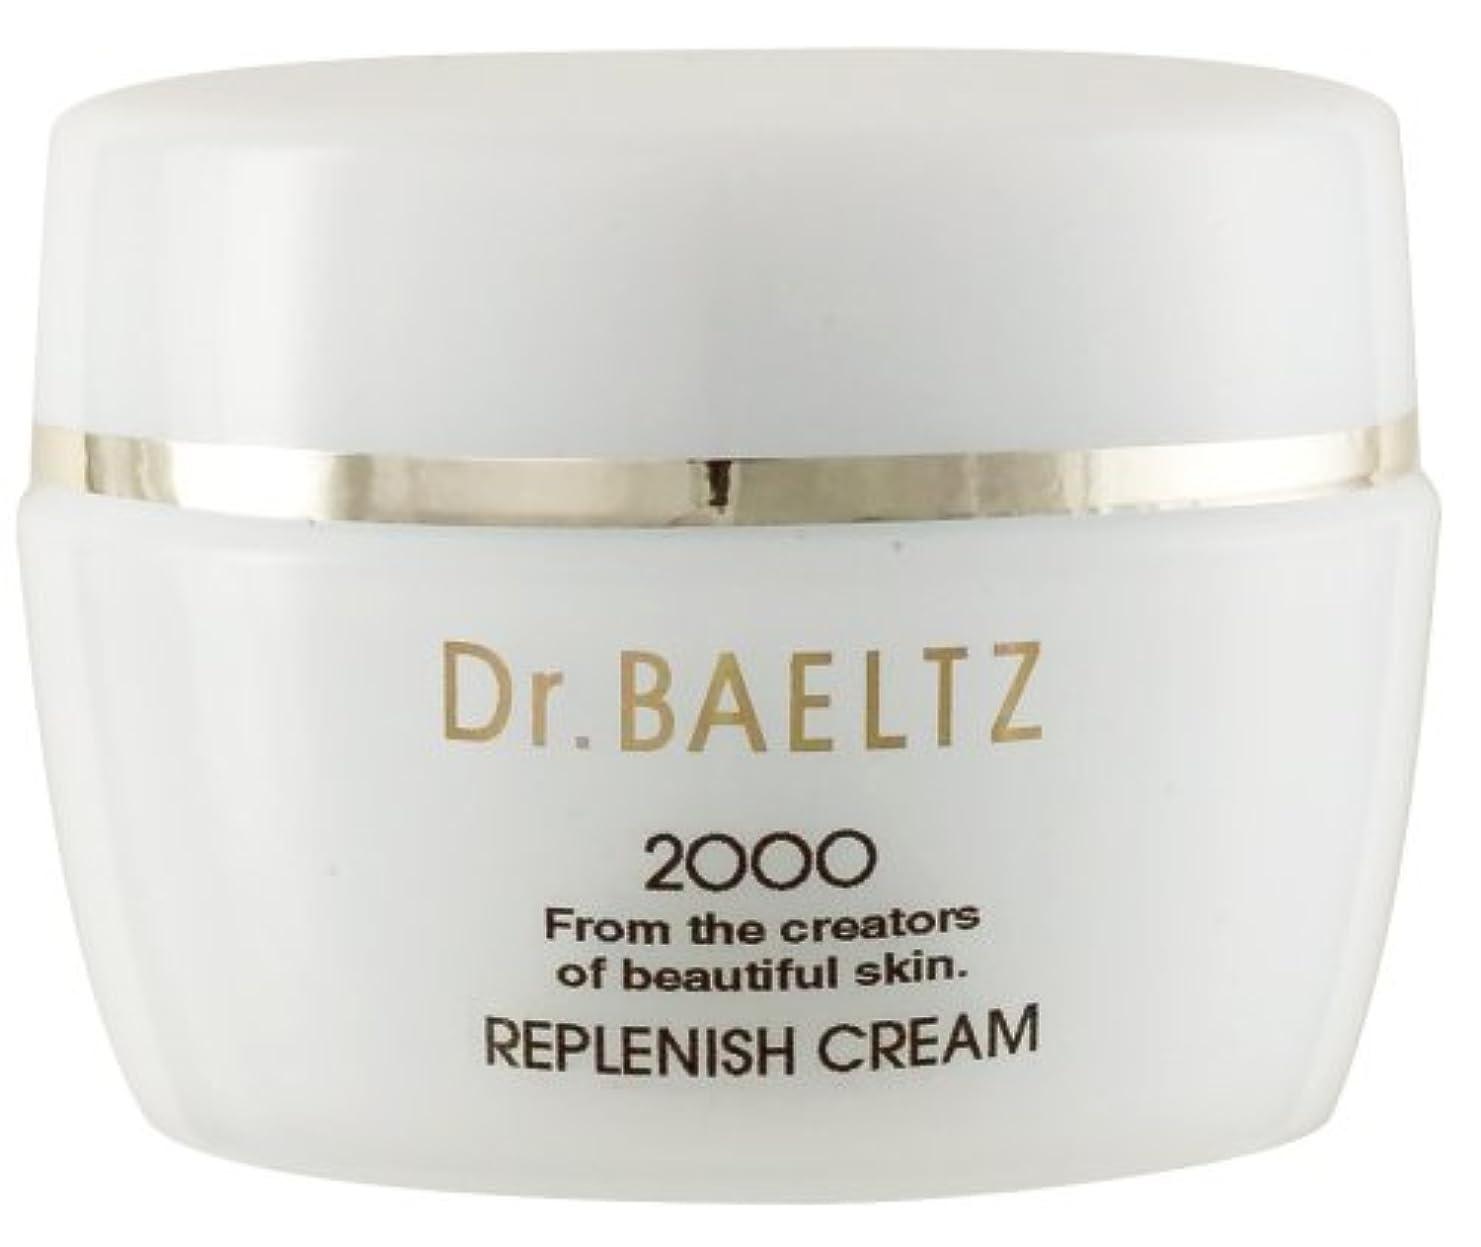 入手しますドール規範ドクターベルツ(Dr.BAELTZ) リプレニッシュクリーム 40g(保湿クリーム)